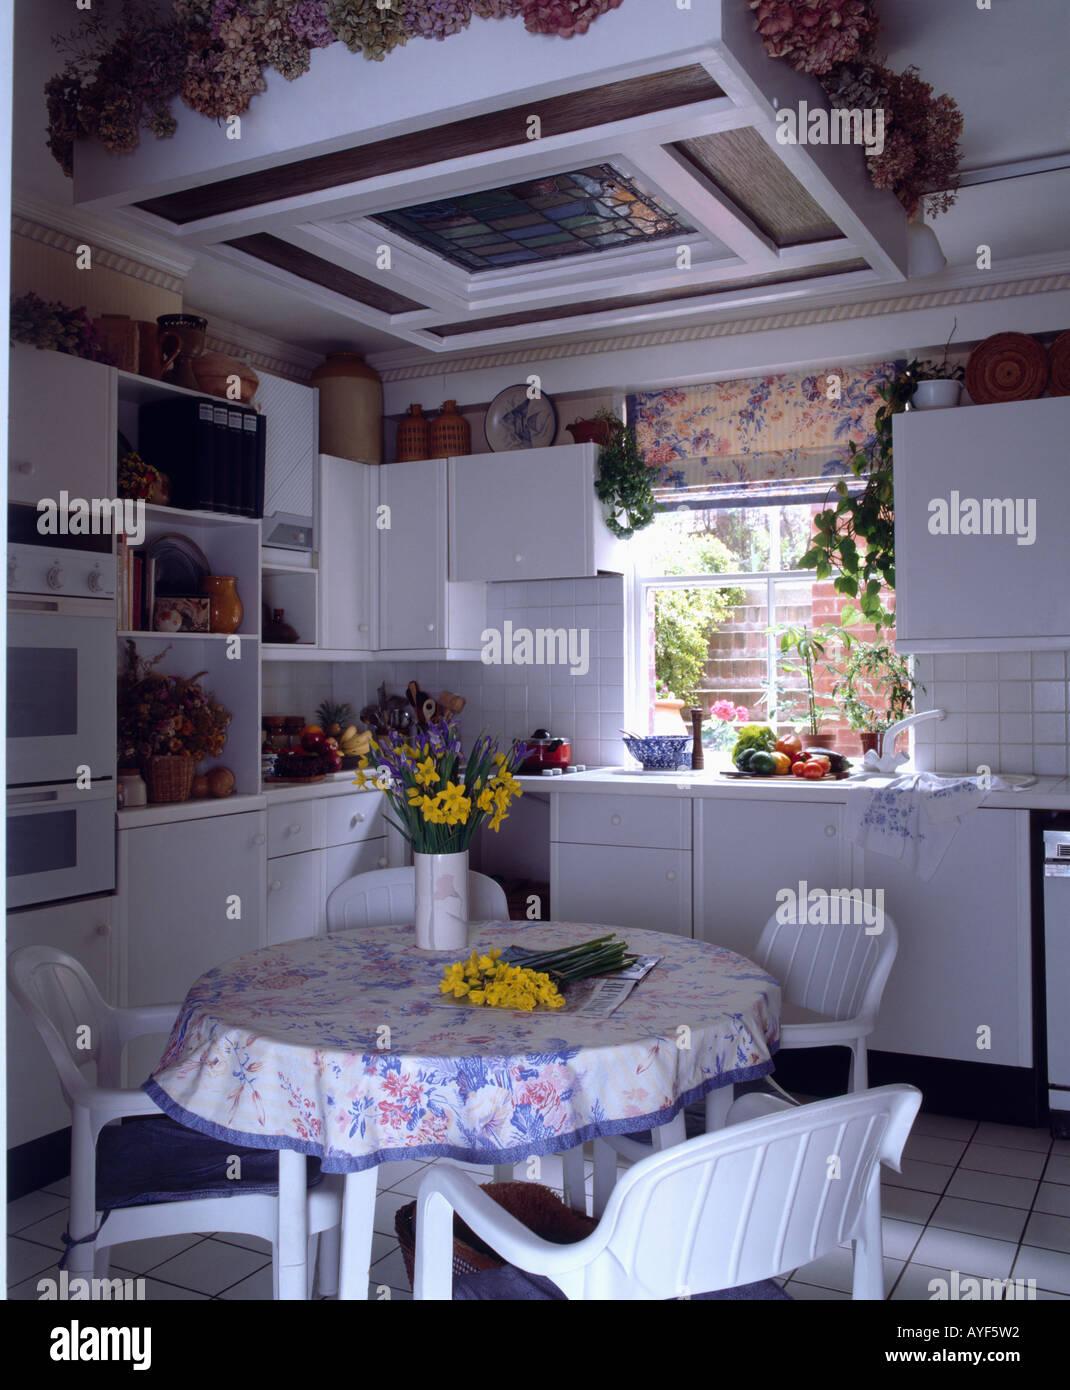 Weisse Stuhle Und Tischdecke Auf Dem Tisch In Kleine Kuche Stockfoto